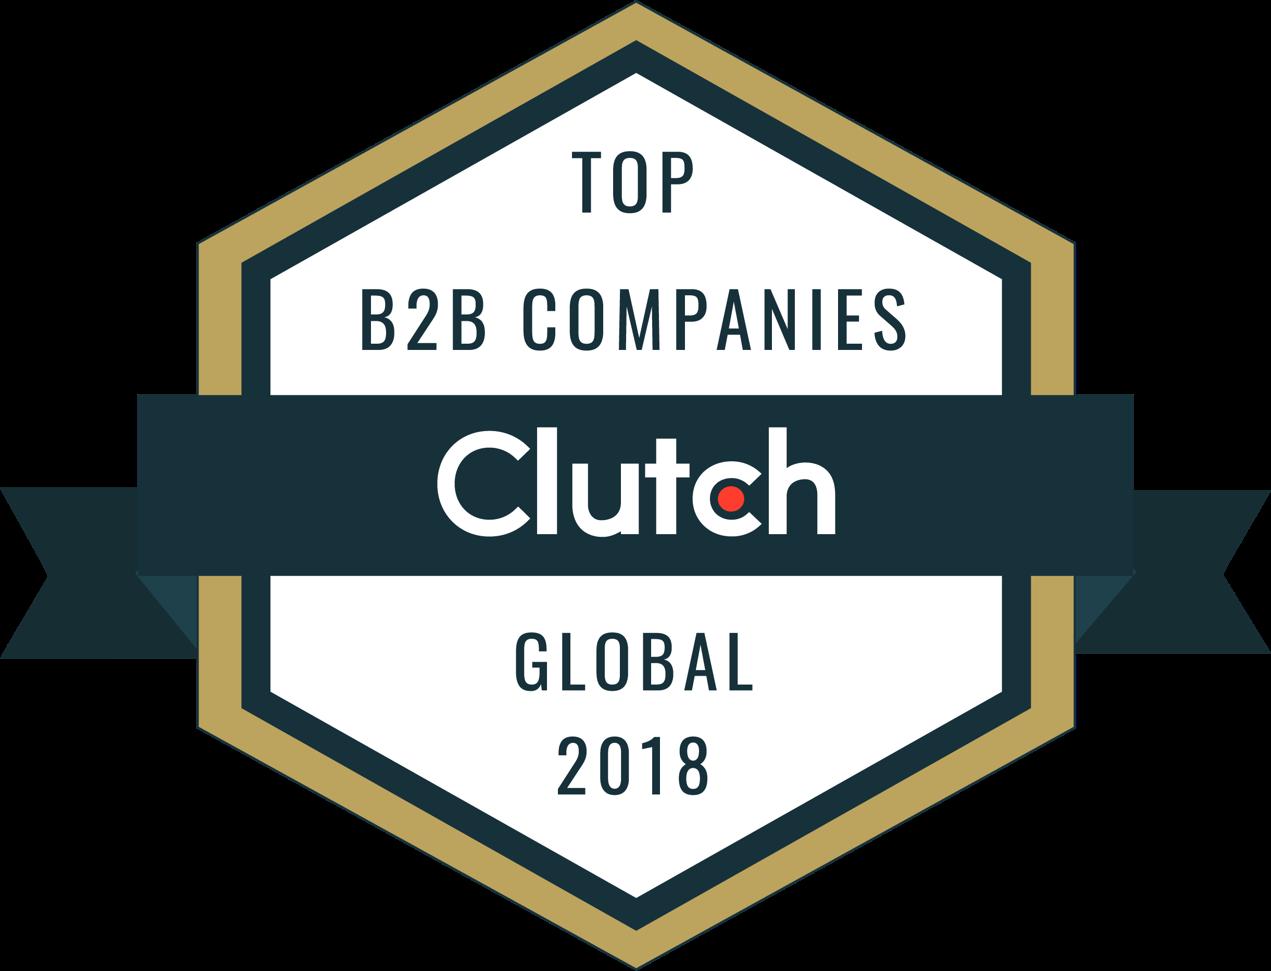 Top-b2b-Companies-Clickittech